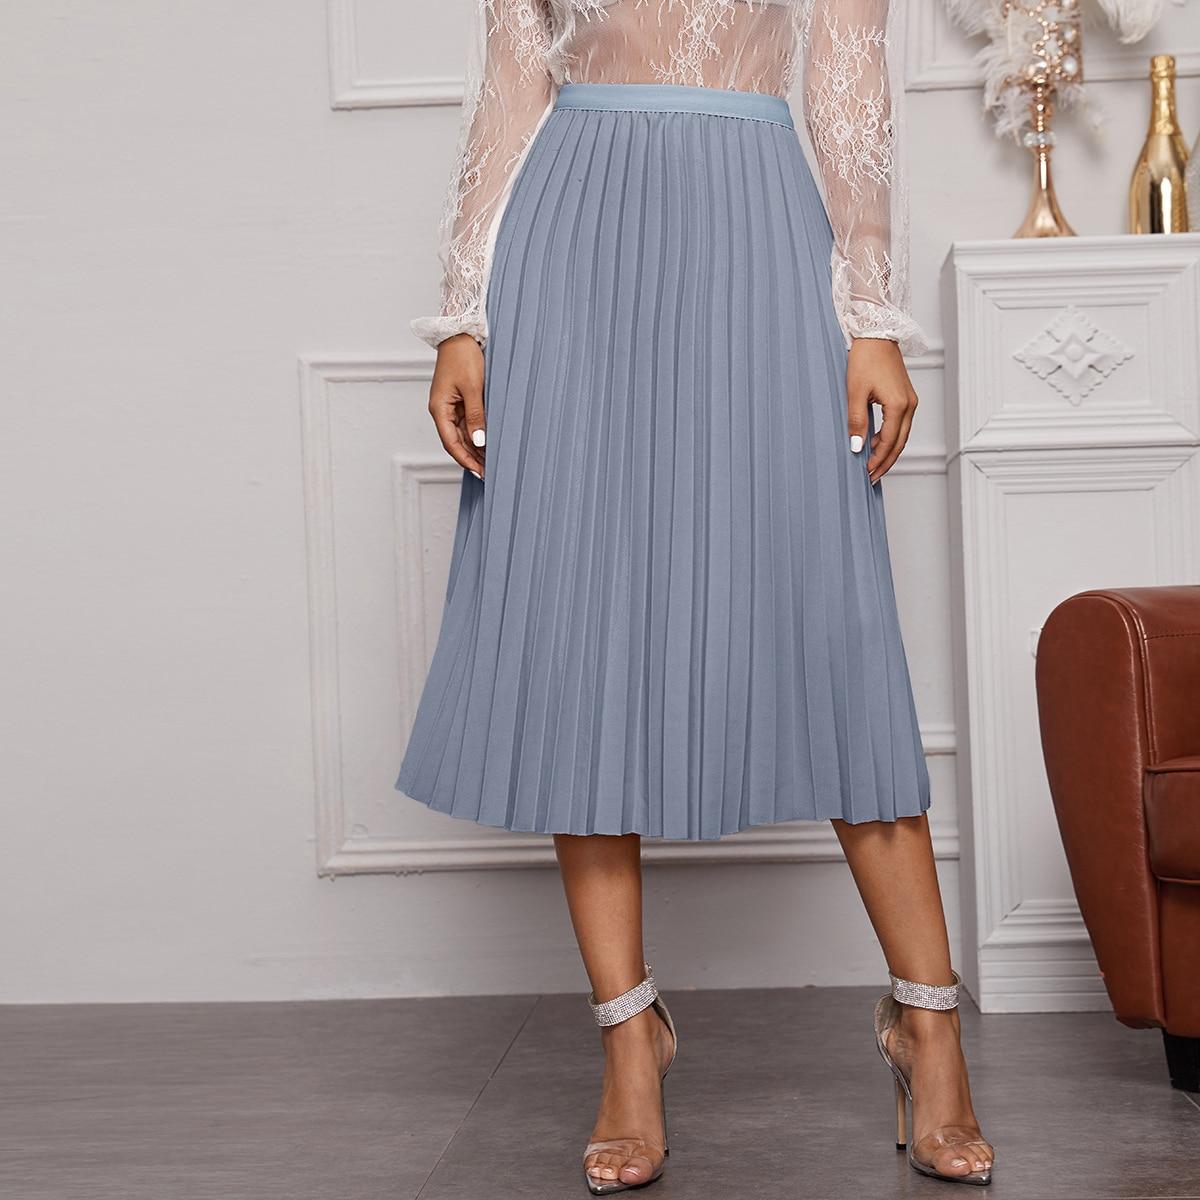 Однотонное плиссированное платье с эластичной талией